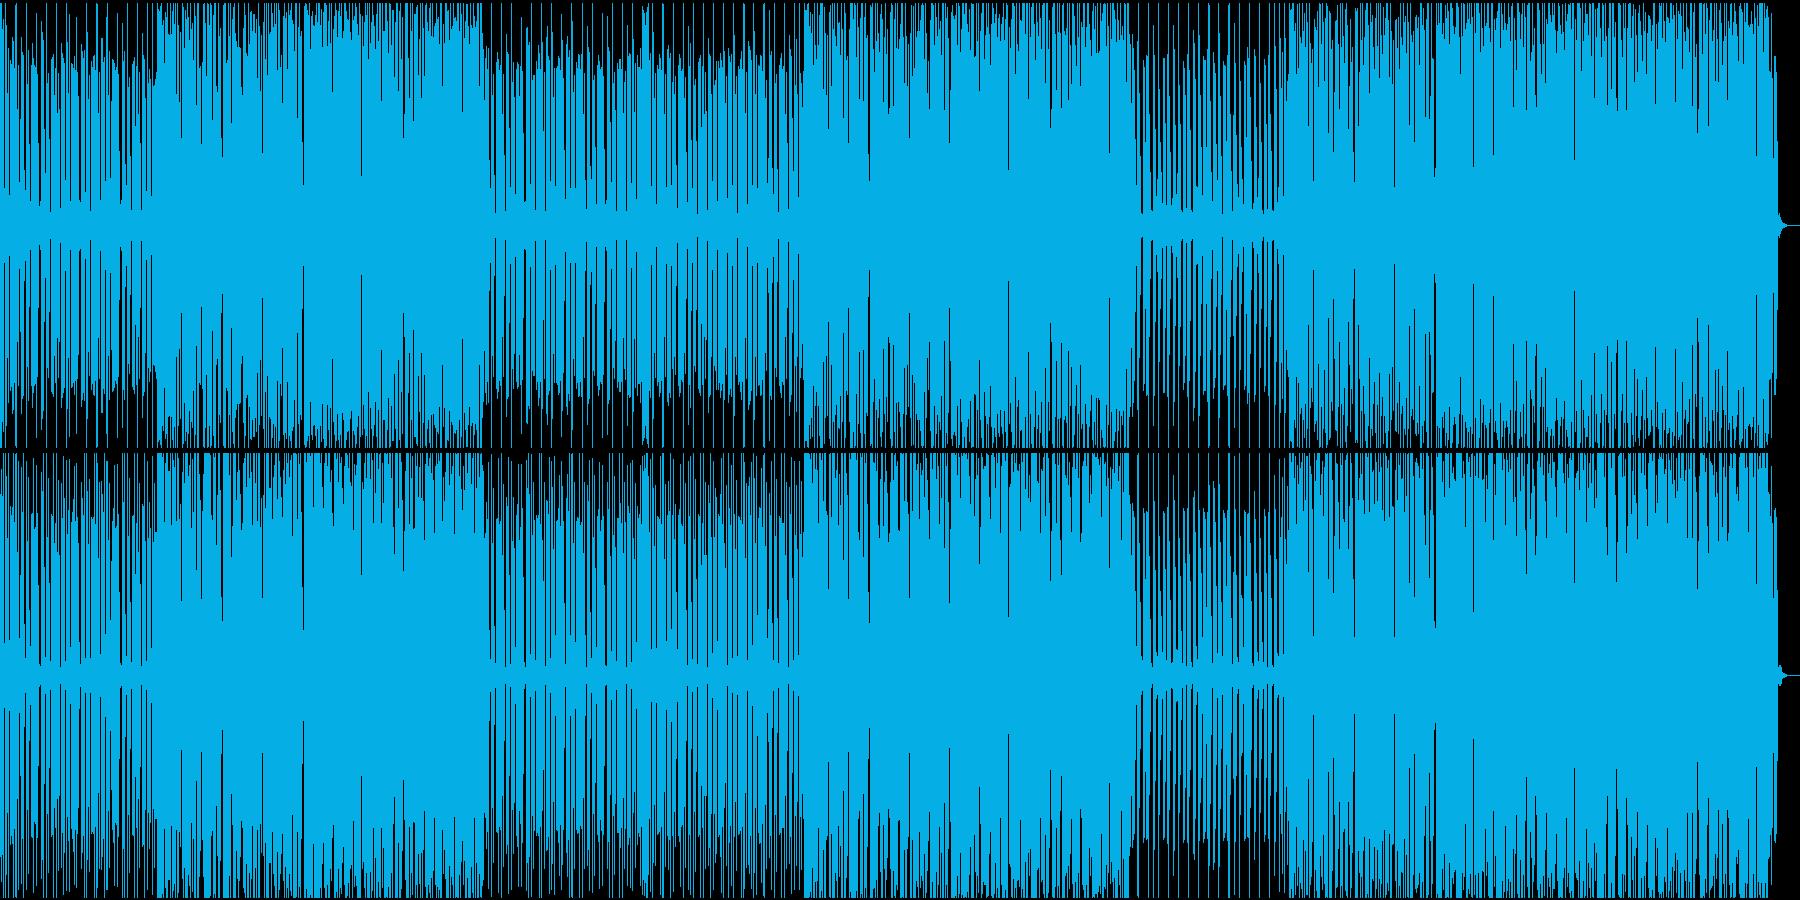 少し癖のあるリズムがあるテクノの再生済みの波形